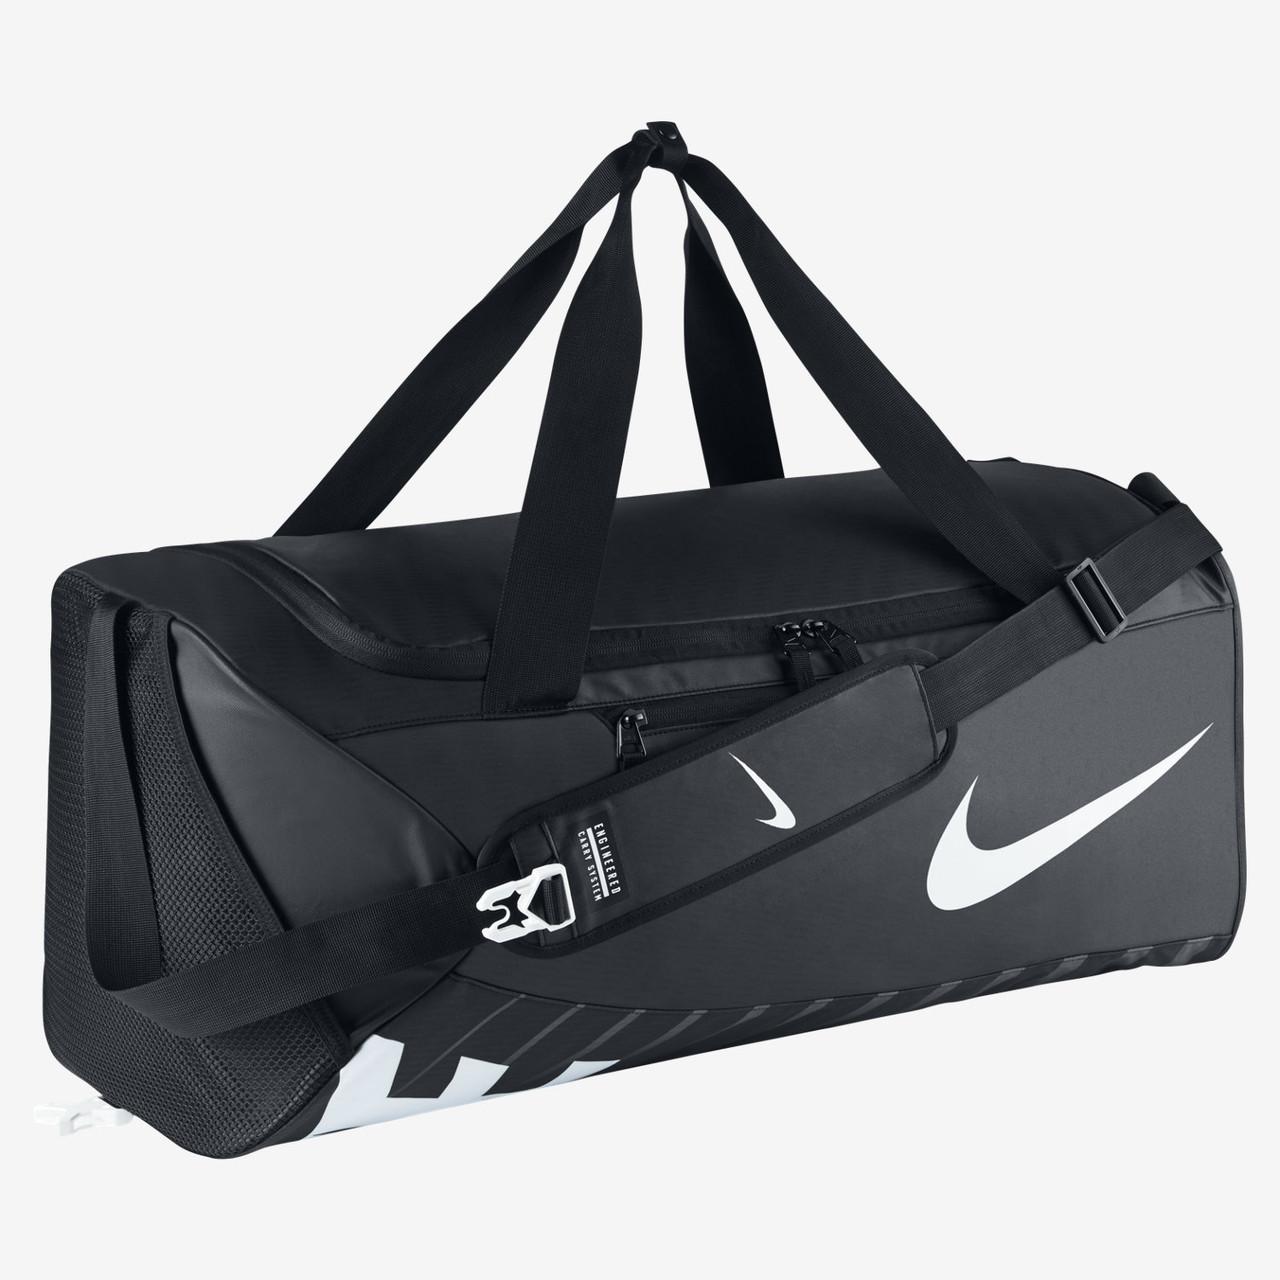 155259364c80 Сумка Nike alph adpt crssbdy dffl-l (Артикул: BA5181-010), цена 1 879 грн.,  купить в Киеве — Prom.ua (ID#292525668)